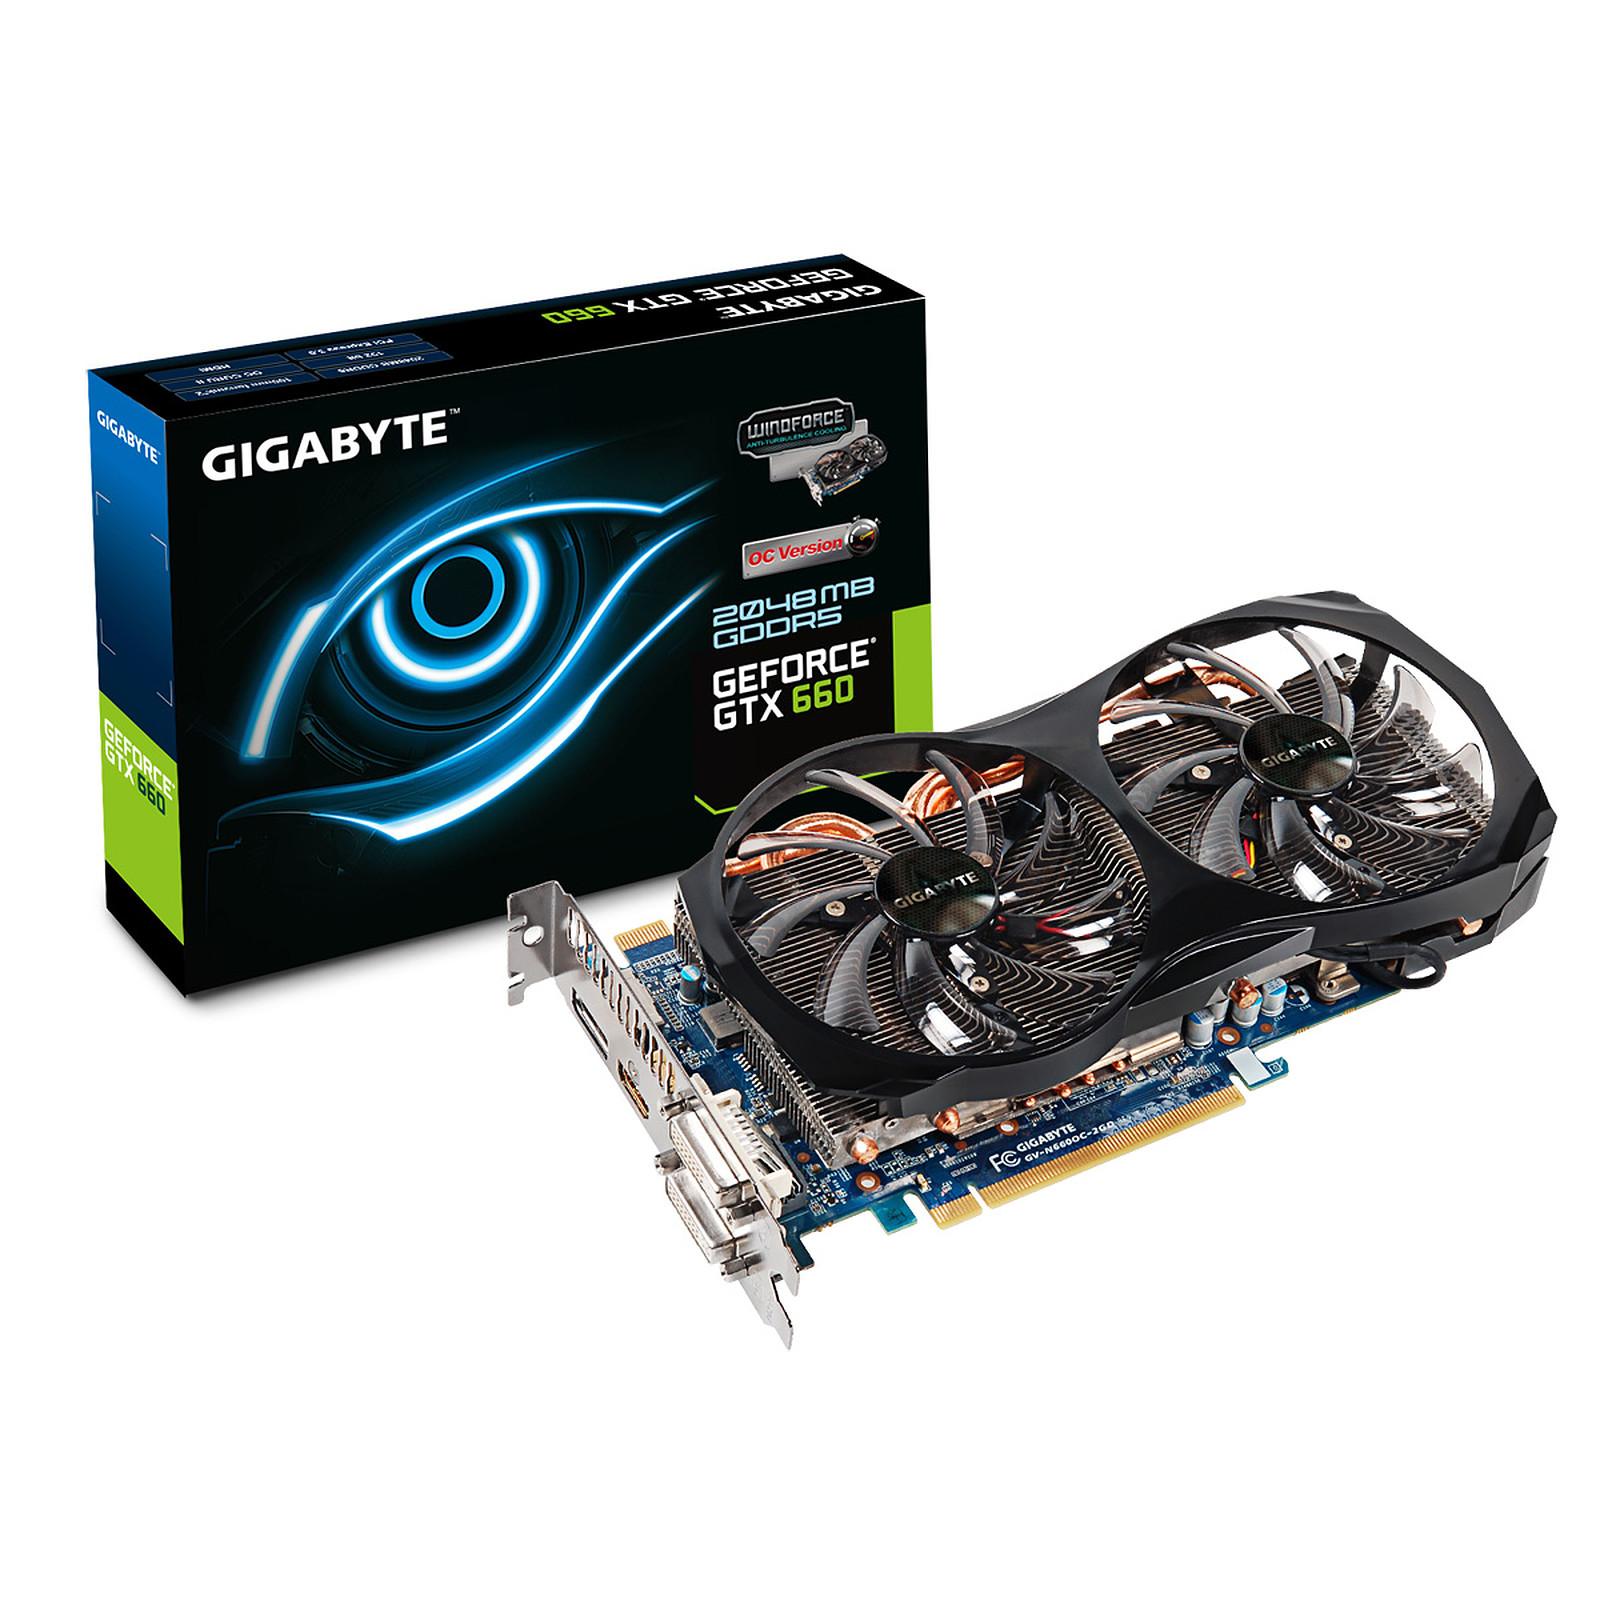 Gigabyte GeForce GTX 660 GV-N660OC-2GD